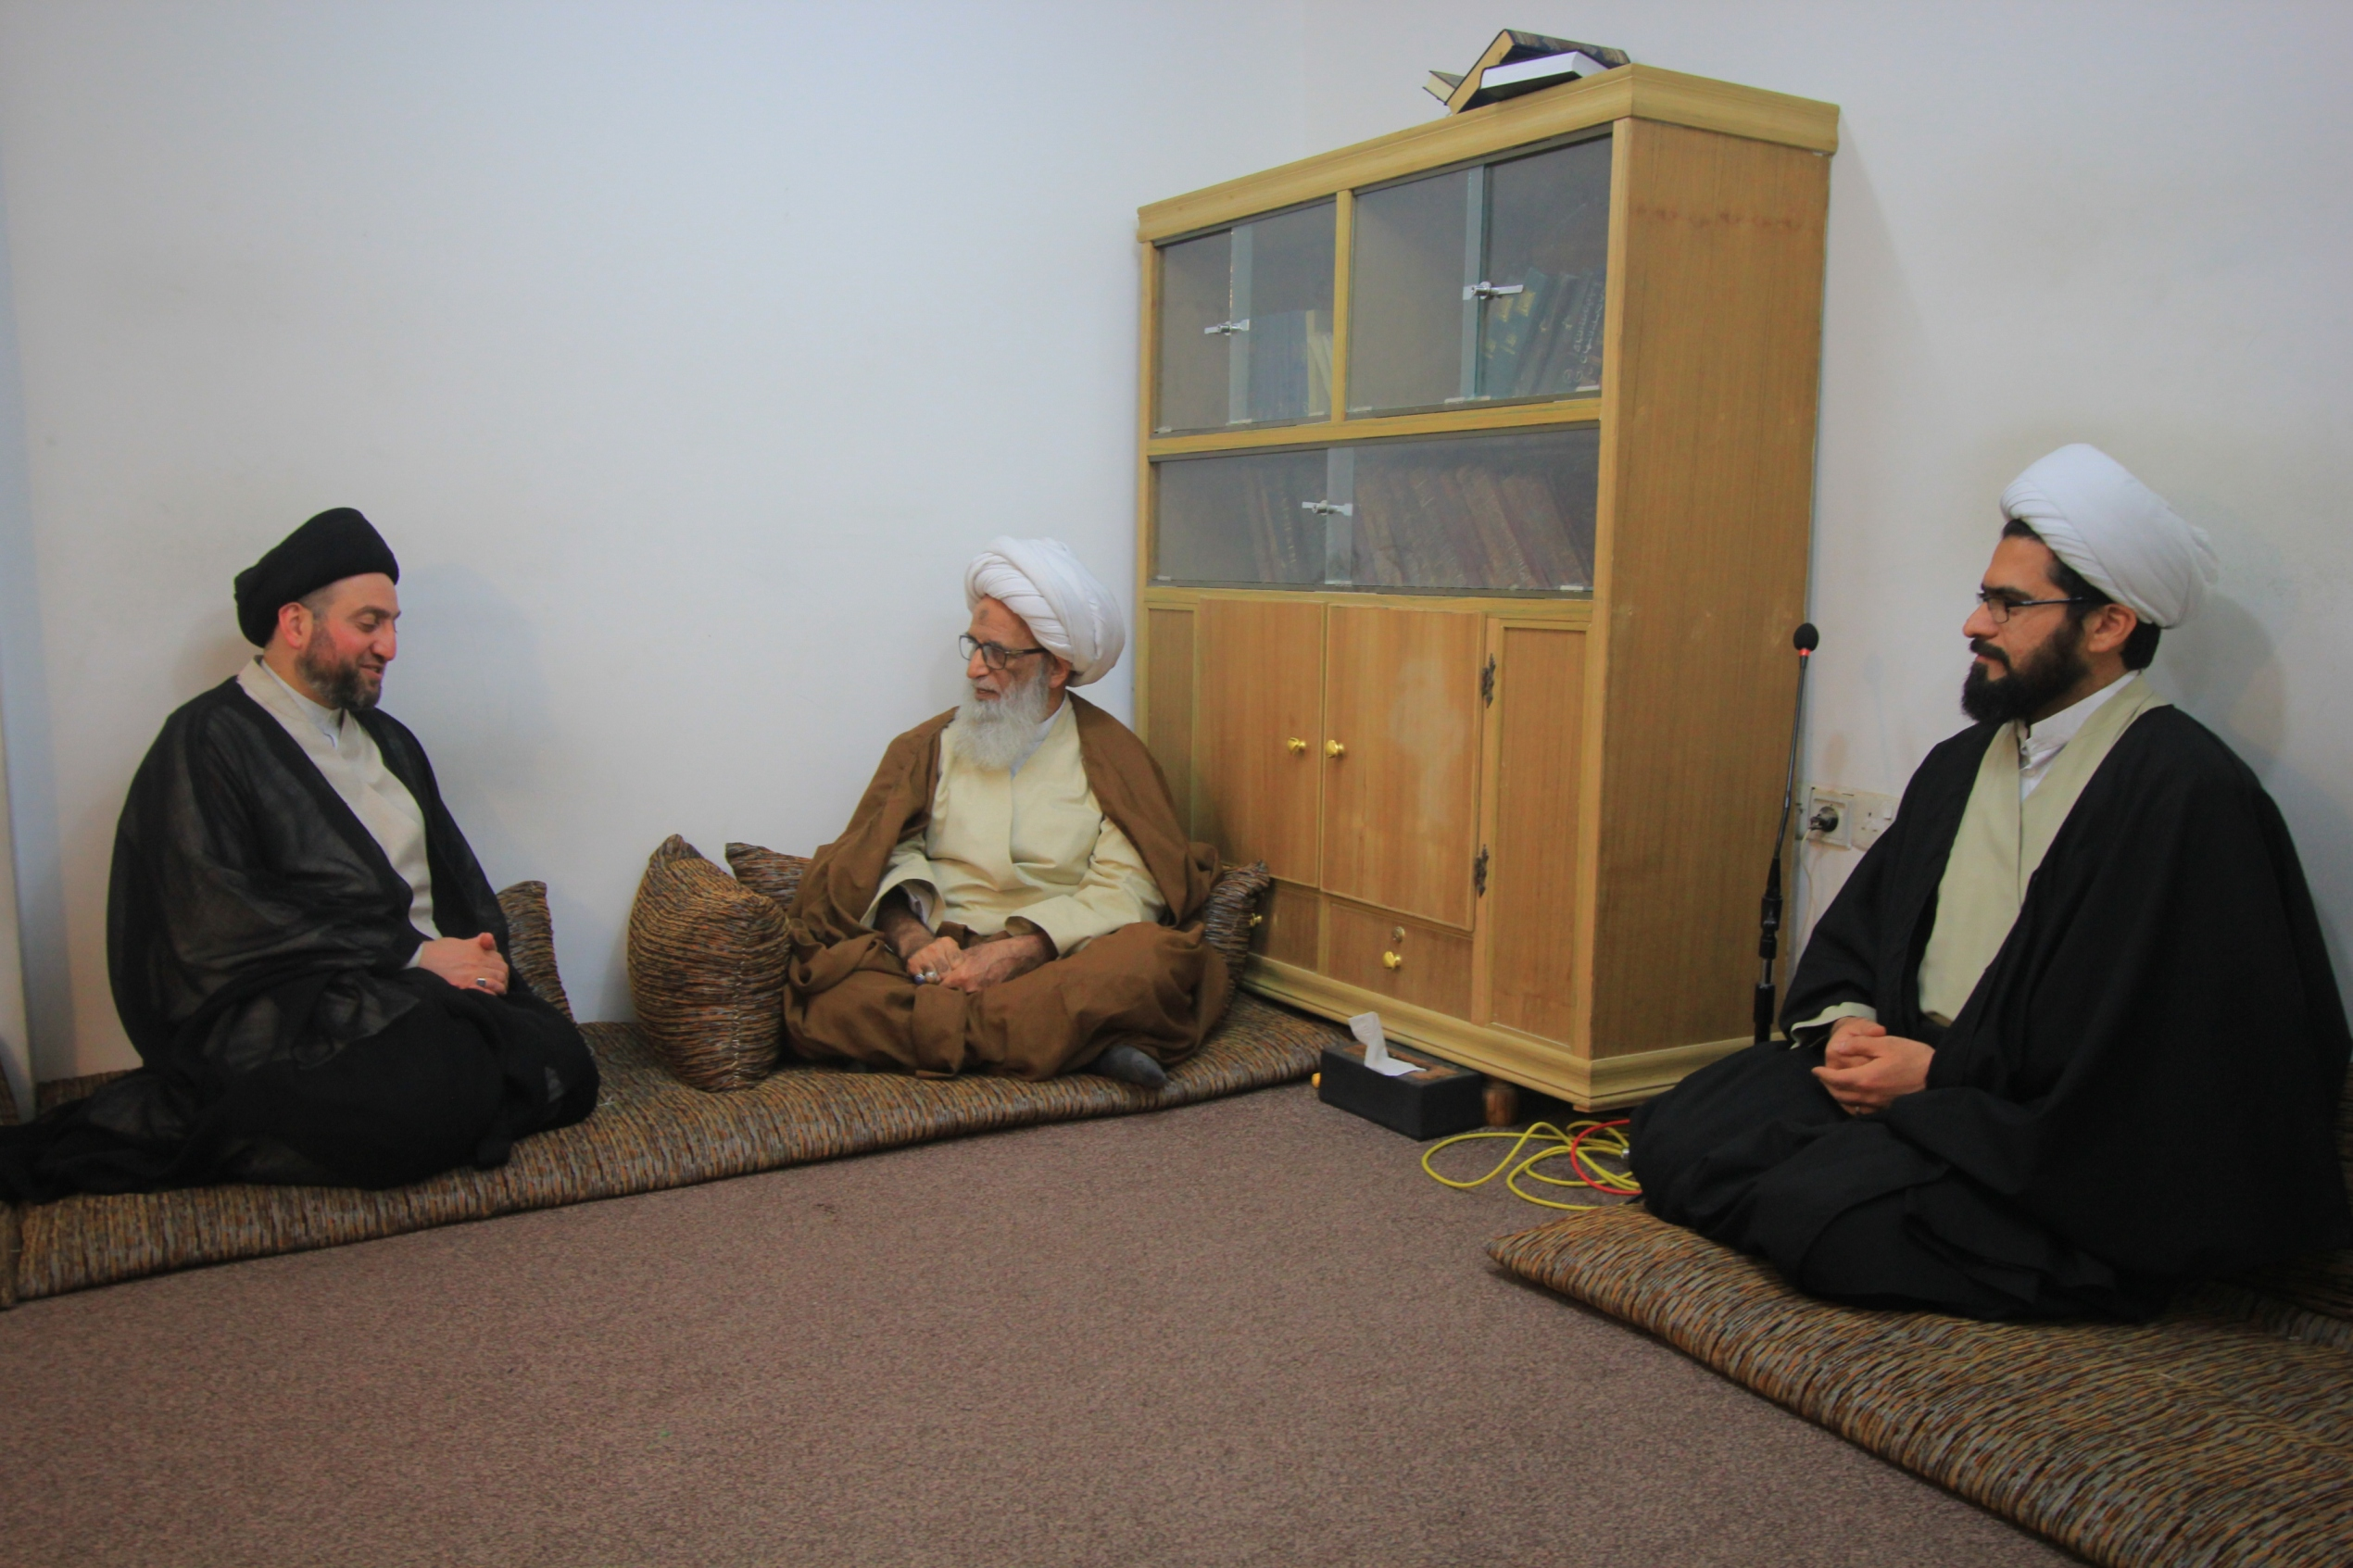 عمار حکیم حضرت آیت الله بشیر نجفی در دیدار عمار حکیم: نتایح اقدامات سیاسی بایستی و حتما به نفع جامعه عراق باشد